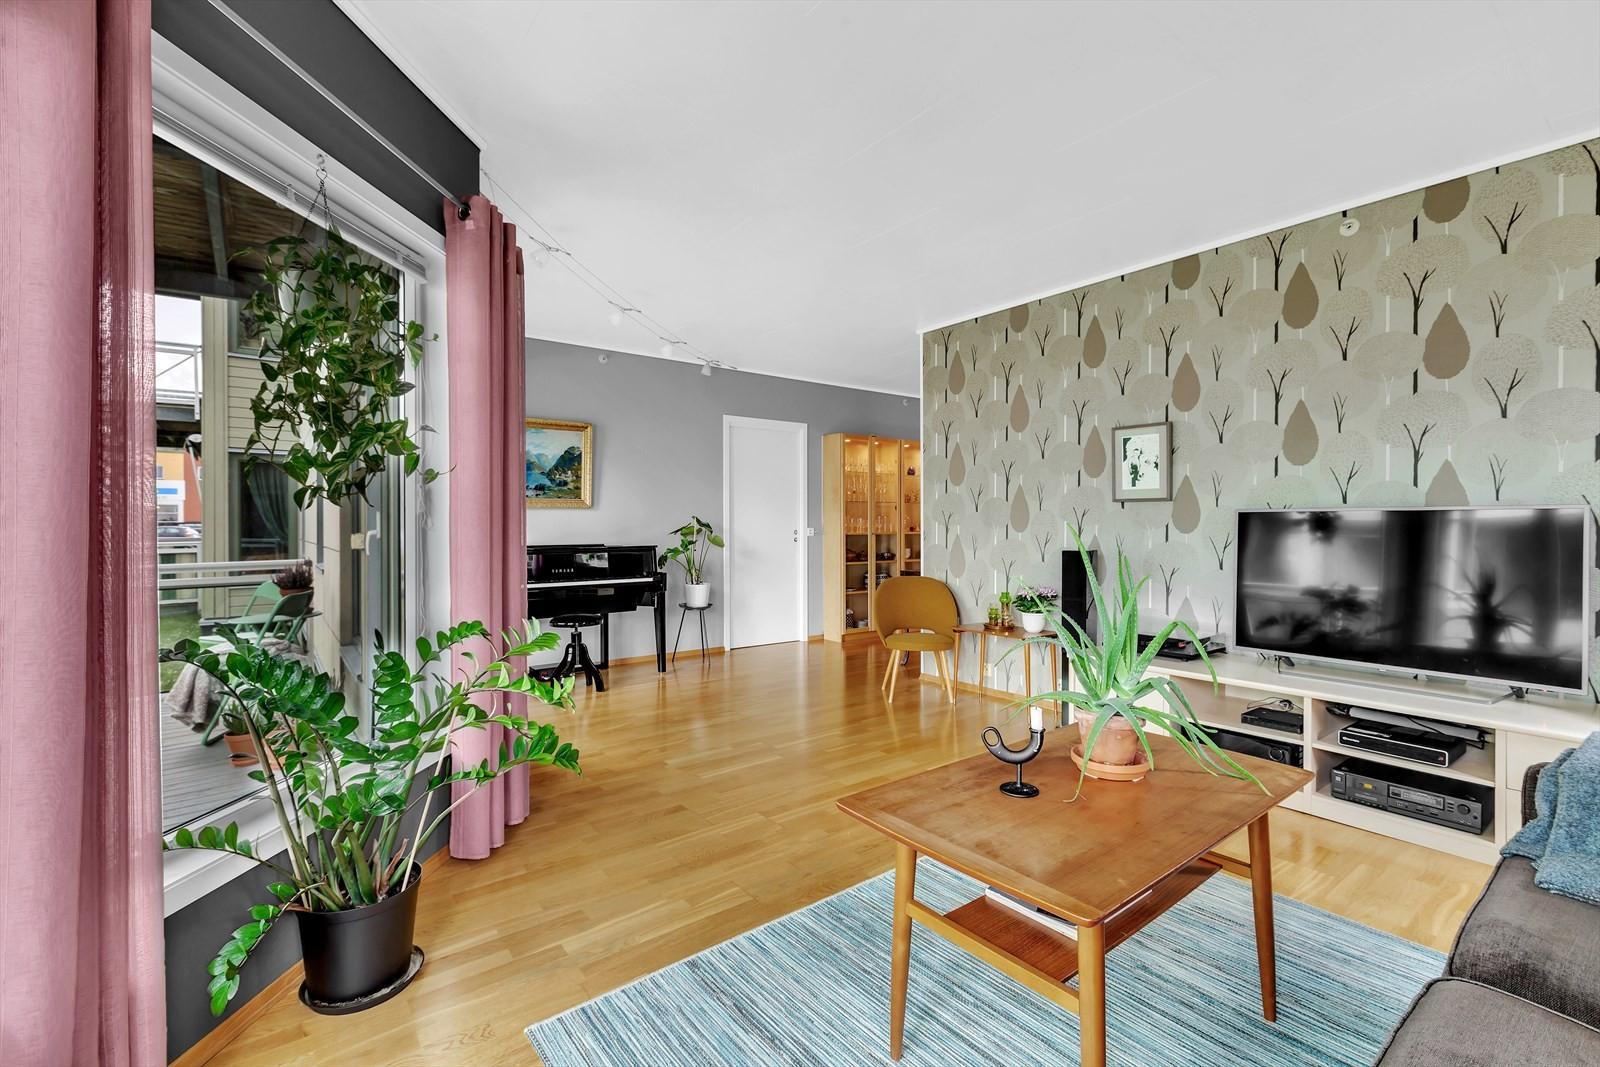 Romslig og meget tiltalende stue med store vindusflater som gir mye lys og romfølelse.